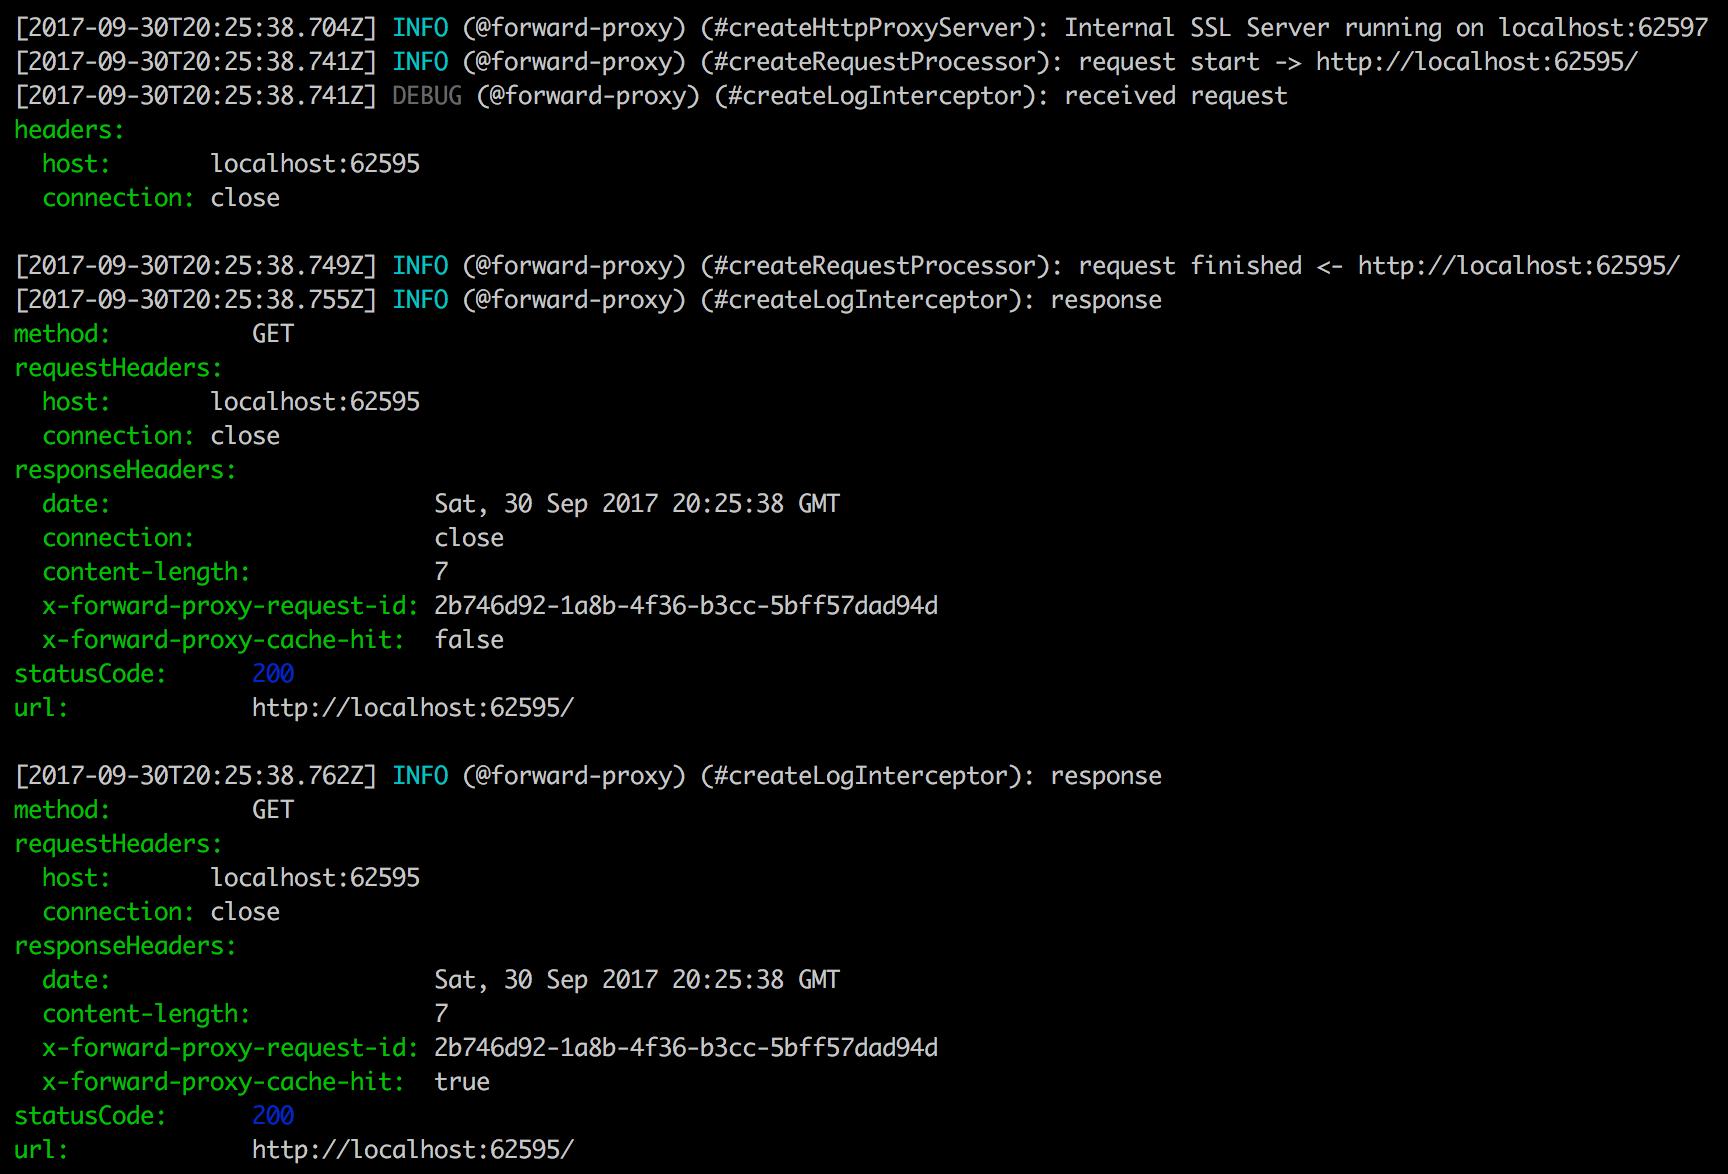 CLI output demo